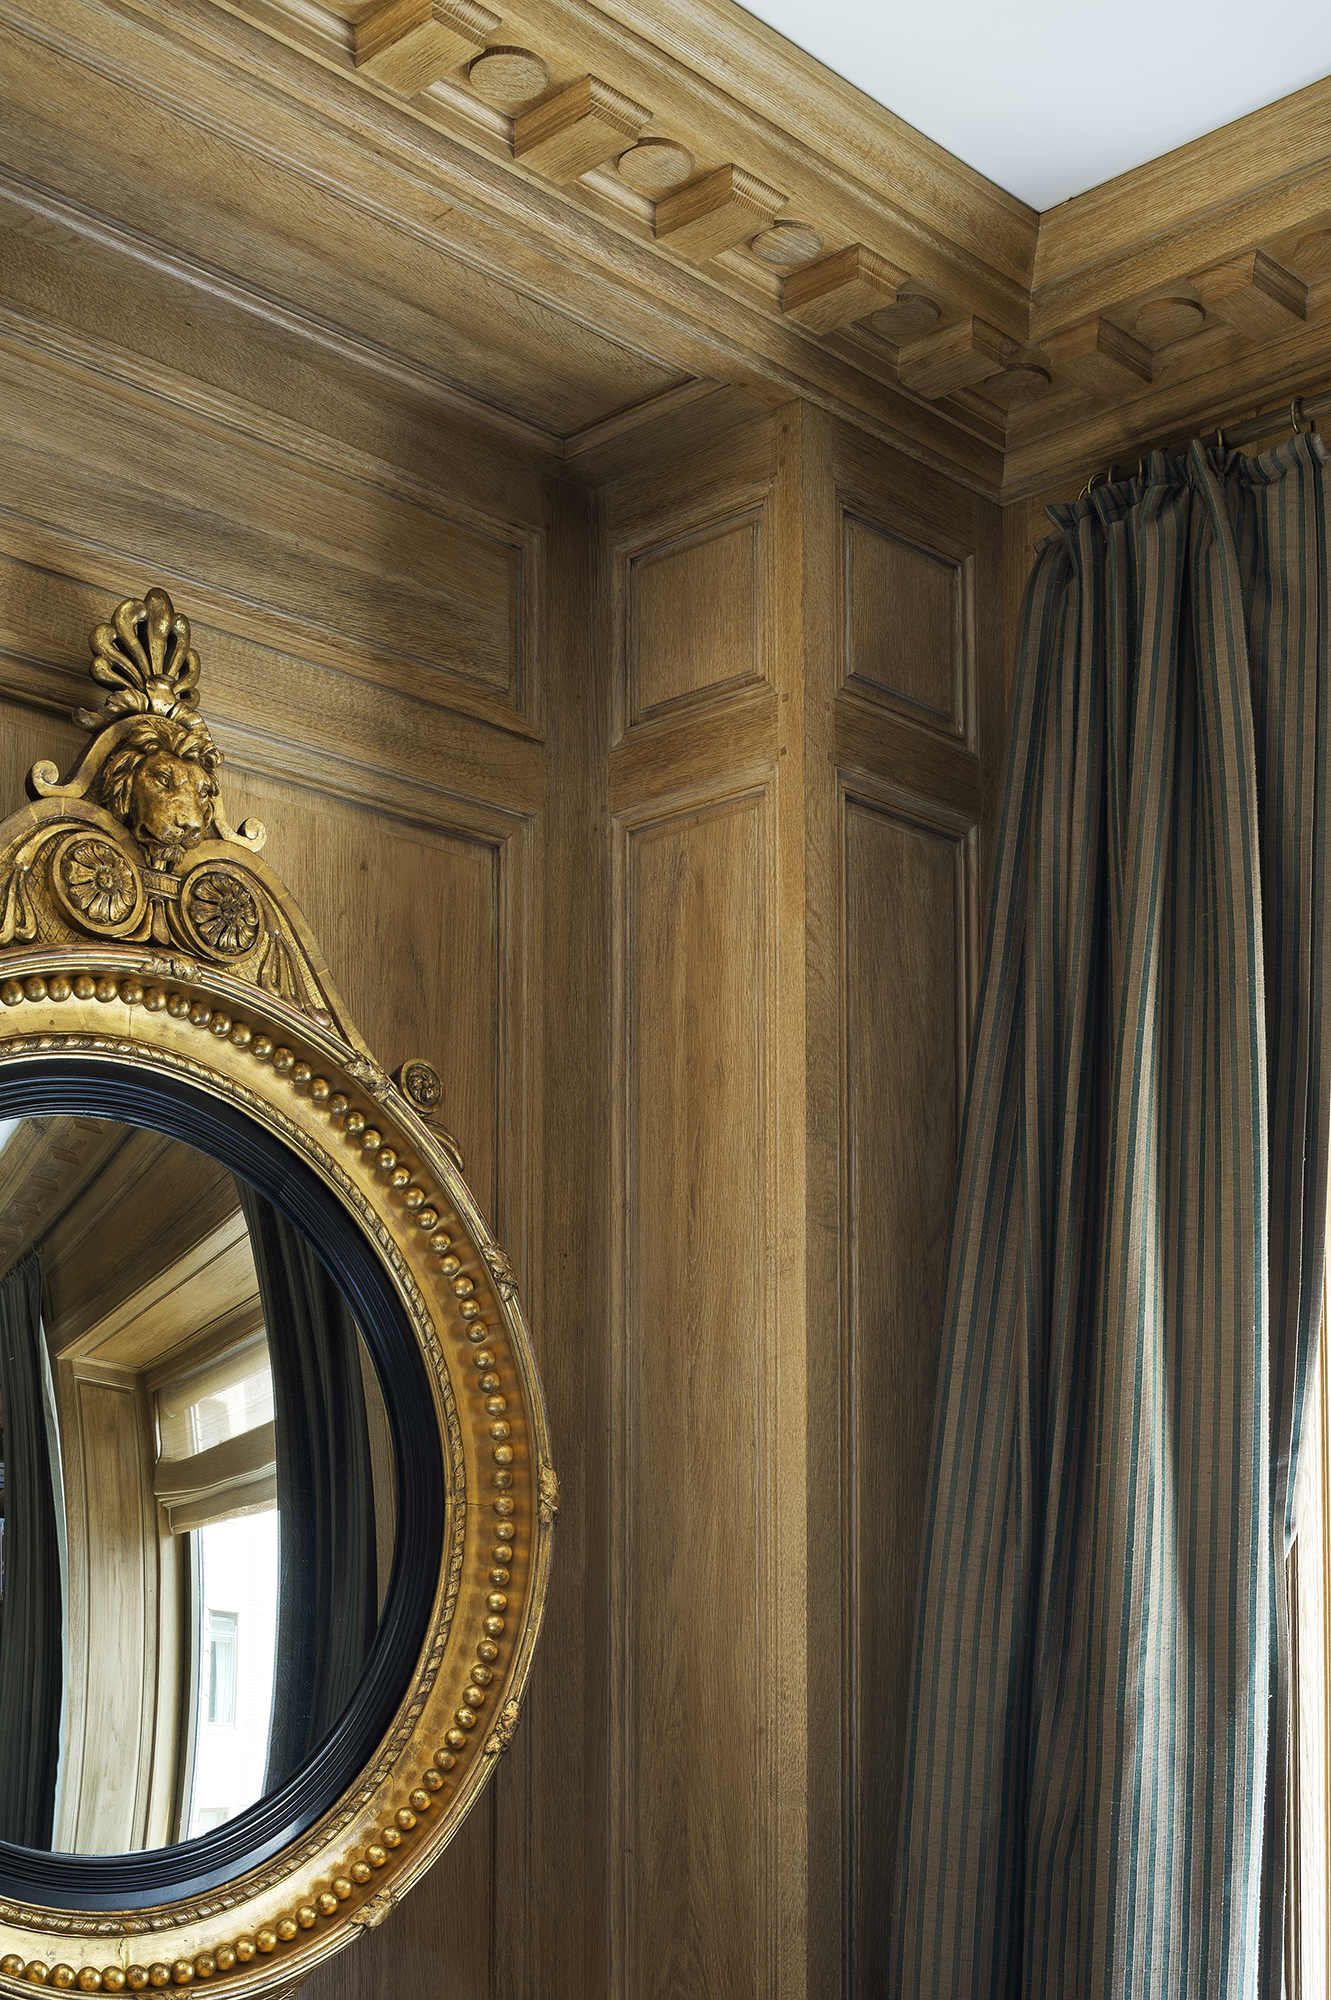 Corniche, copie d'après l'original créé par Christian Dior et son décorateur Georges Geffroy pour la boutique avenue Montaigne. Décor en bois de chêne de style Louis XVI avec patine naturelle et une frise Dado avec un motif de vague.